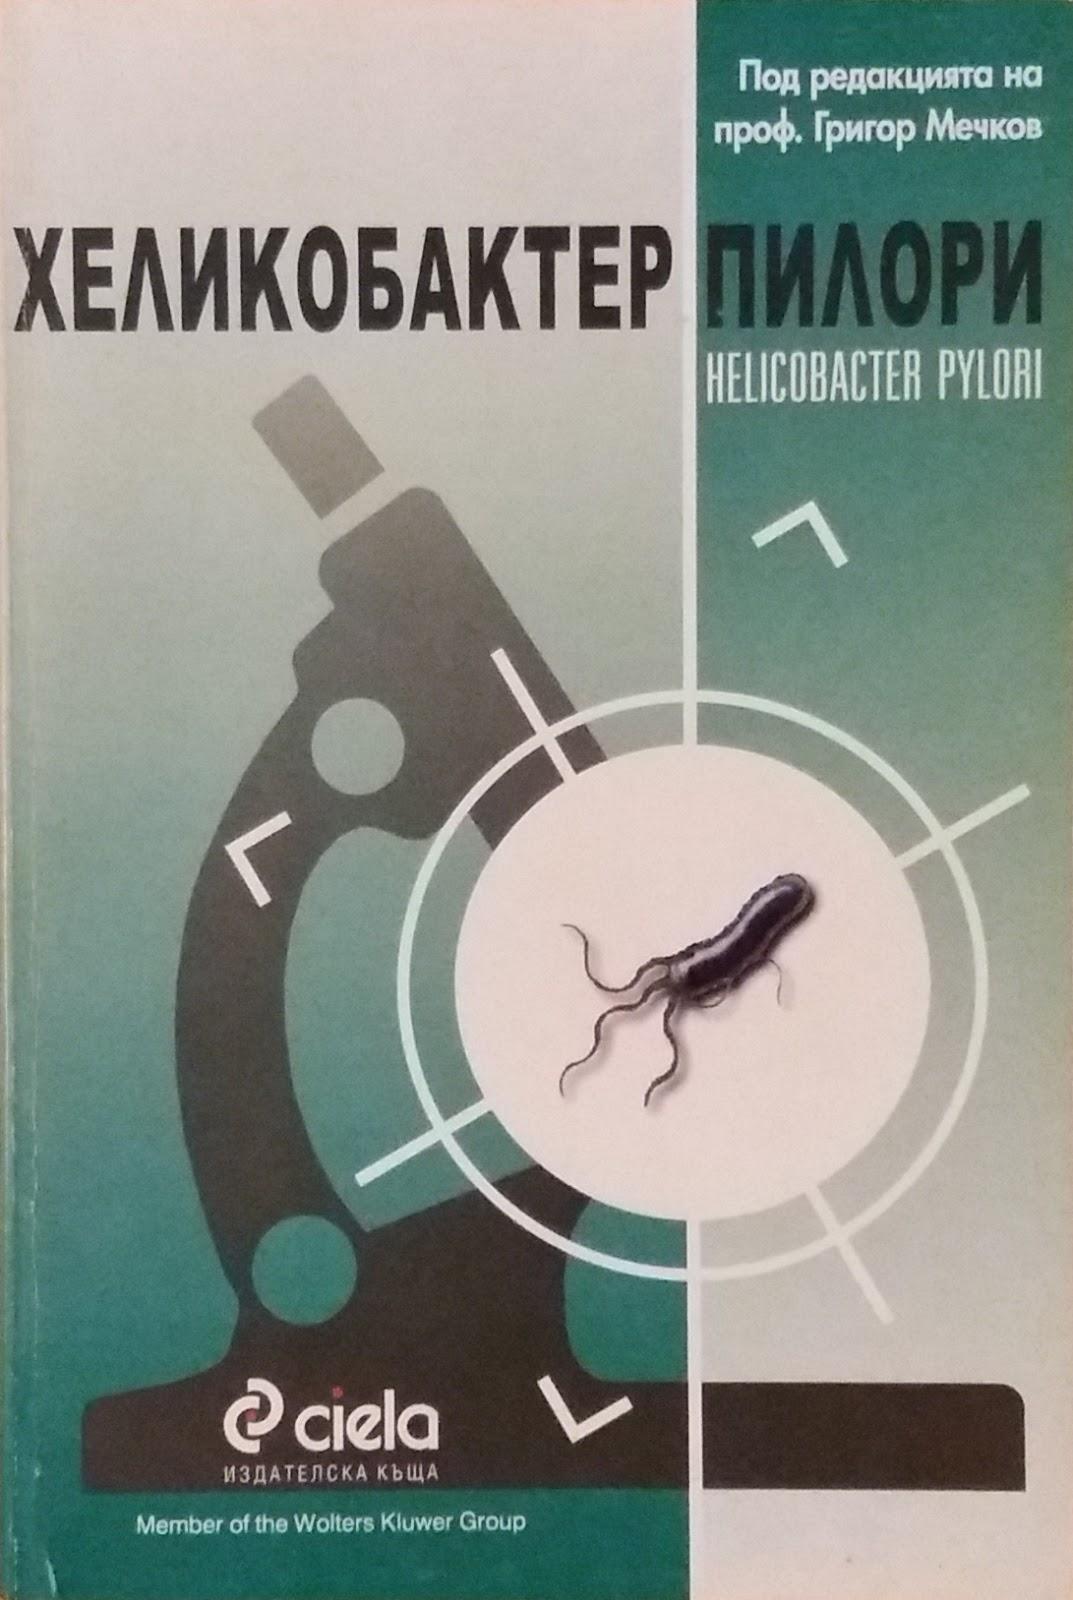 Хеликобактер пилори